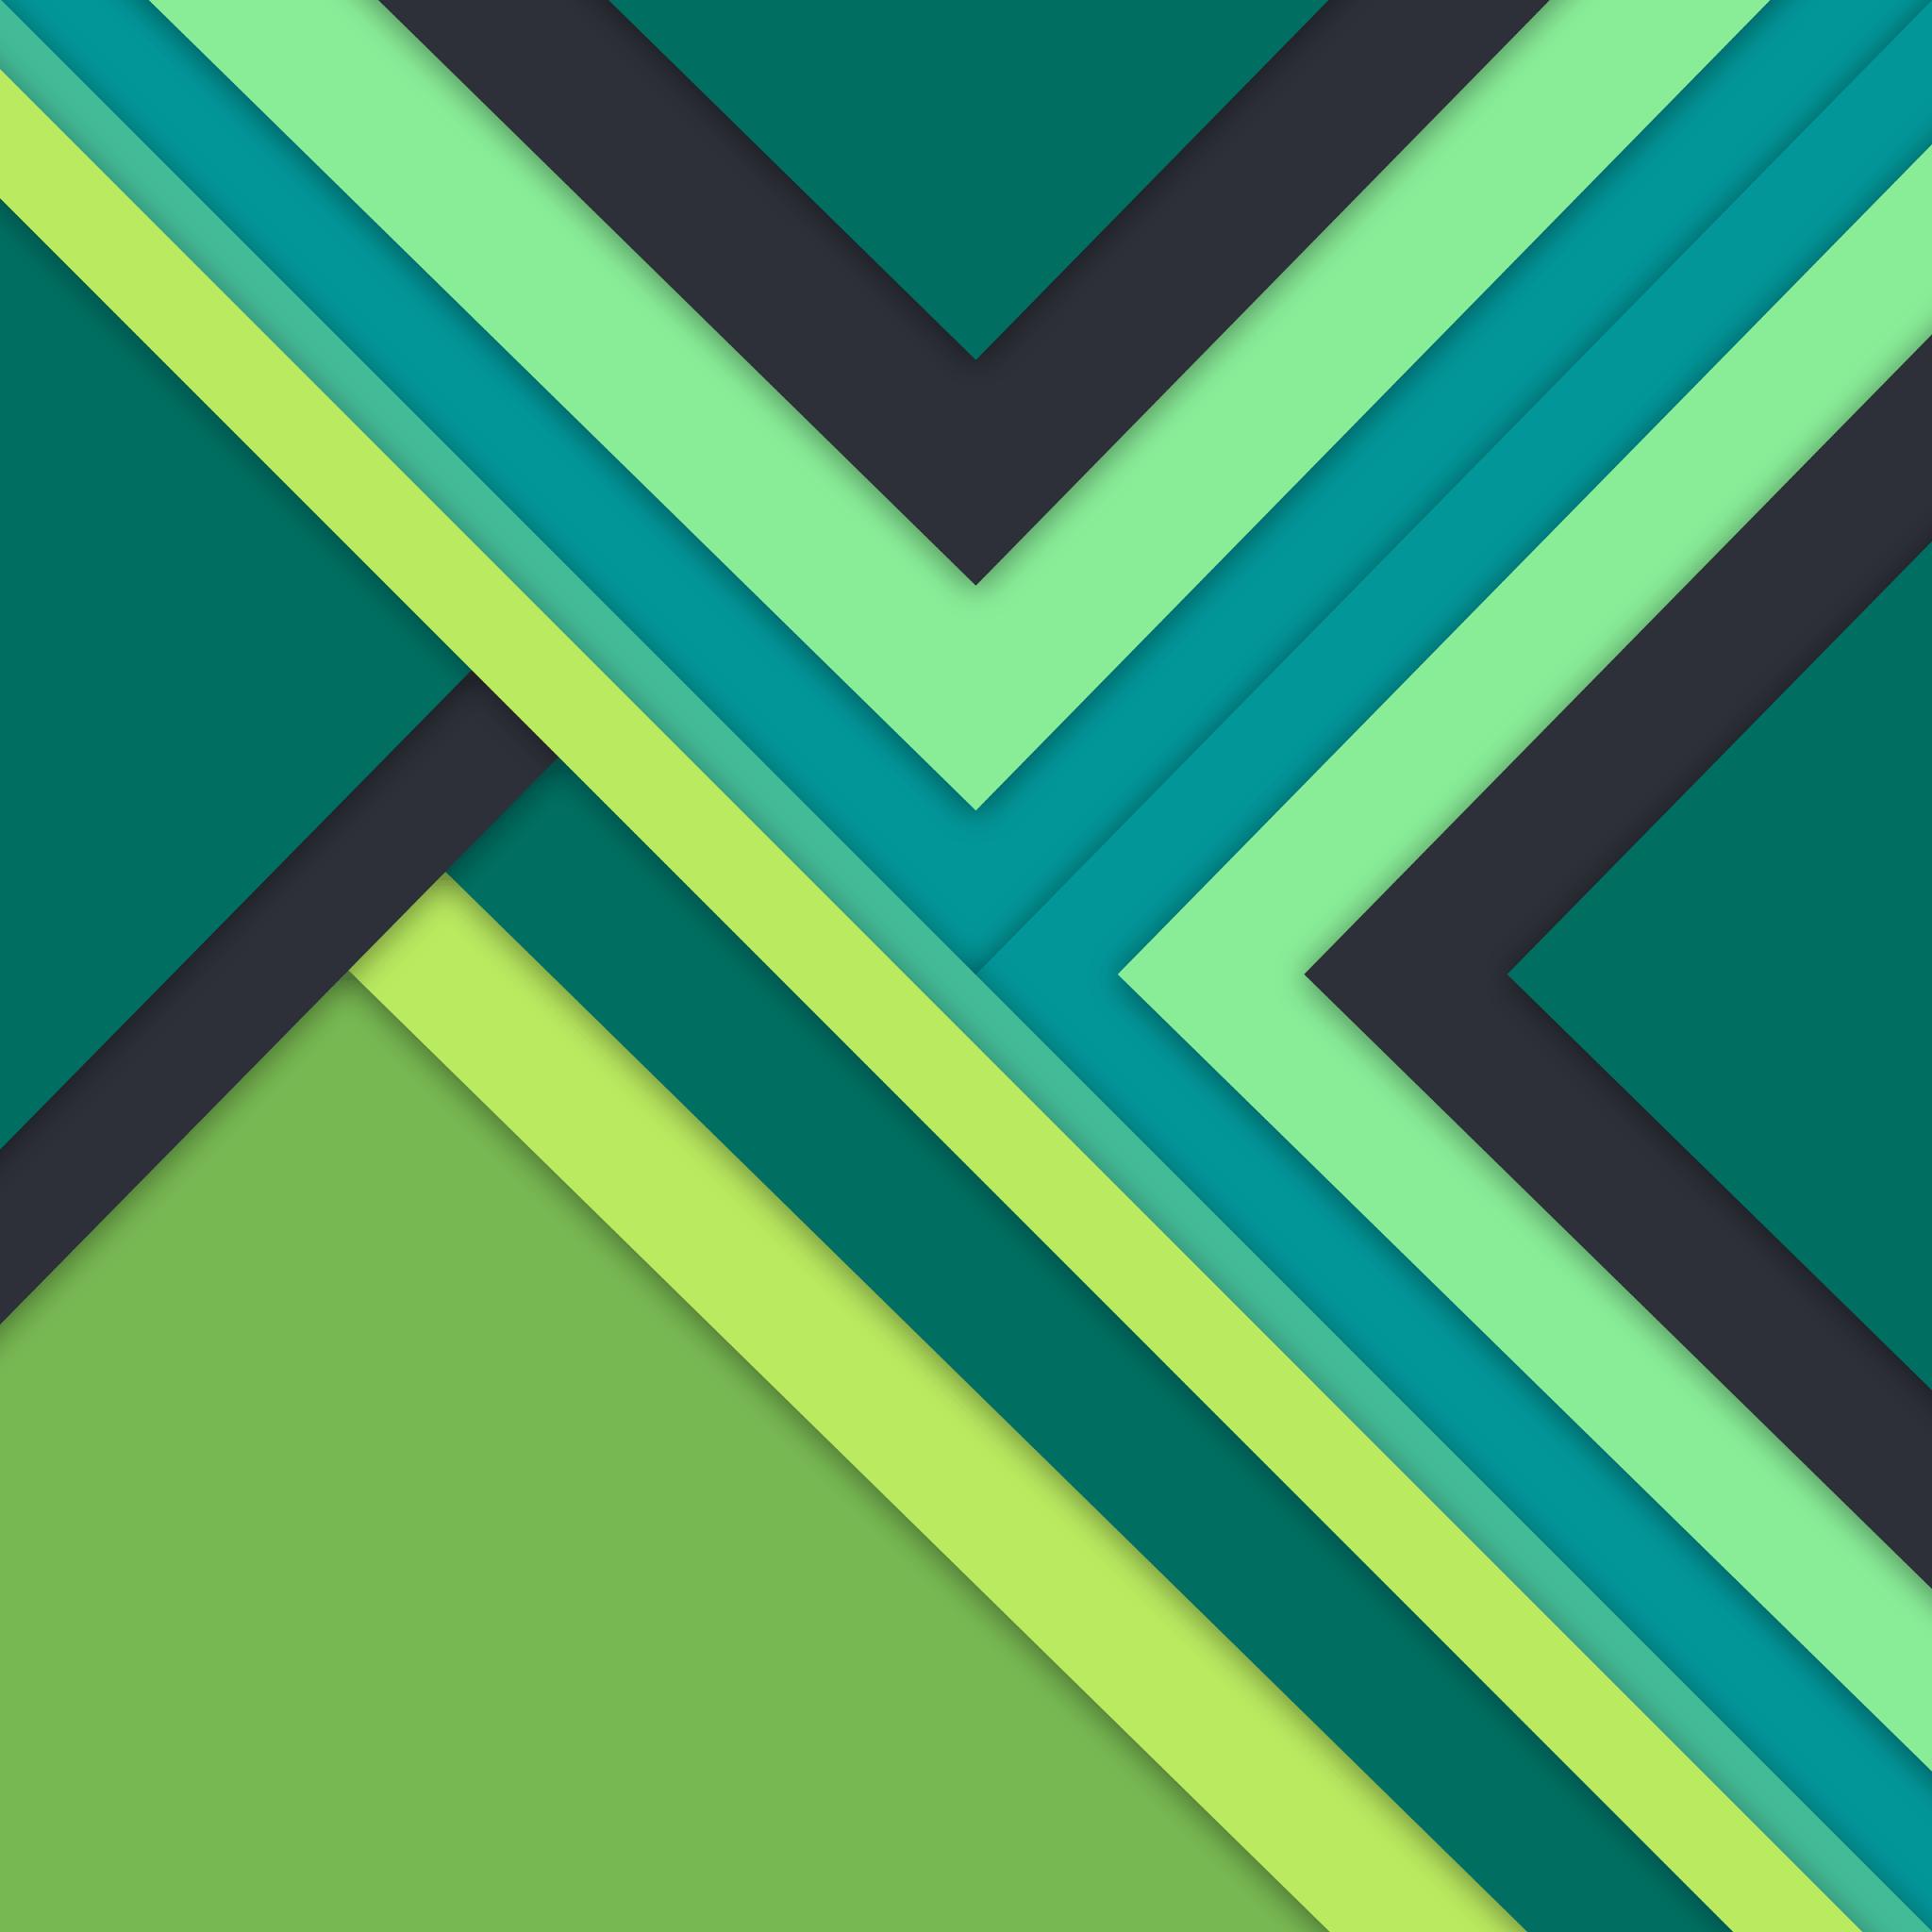 material design wallpapers wallpaper cave